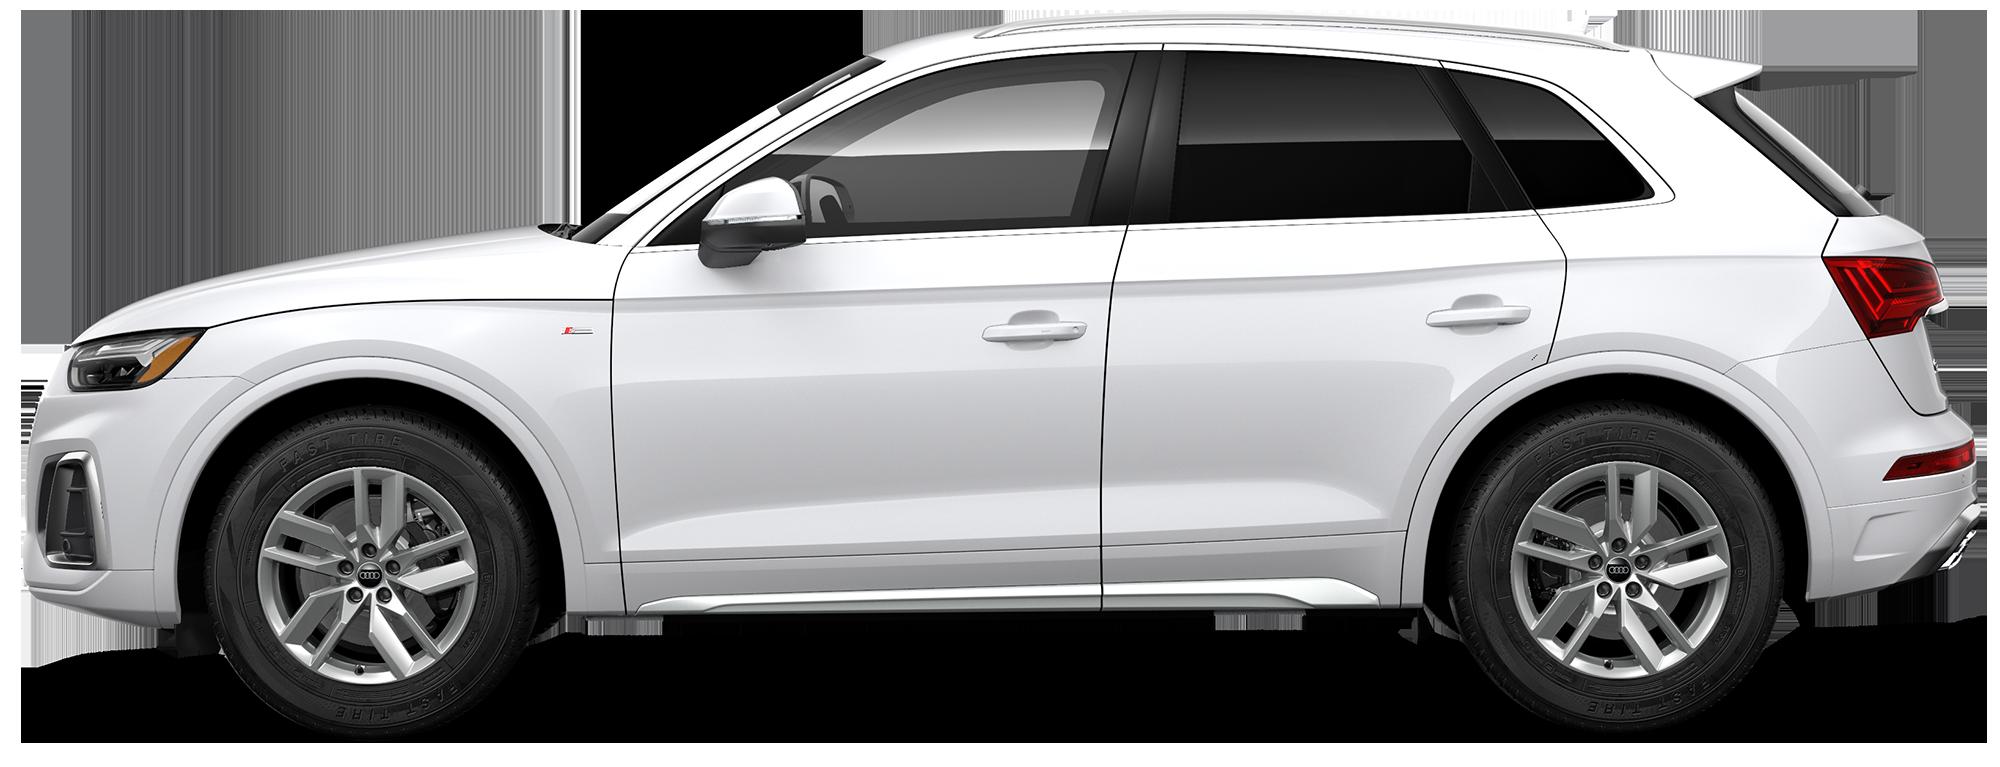 2022 Audi Q5 SUV 45 S line Premium